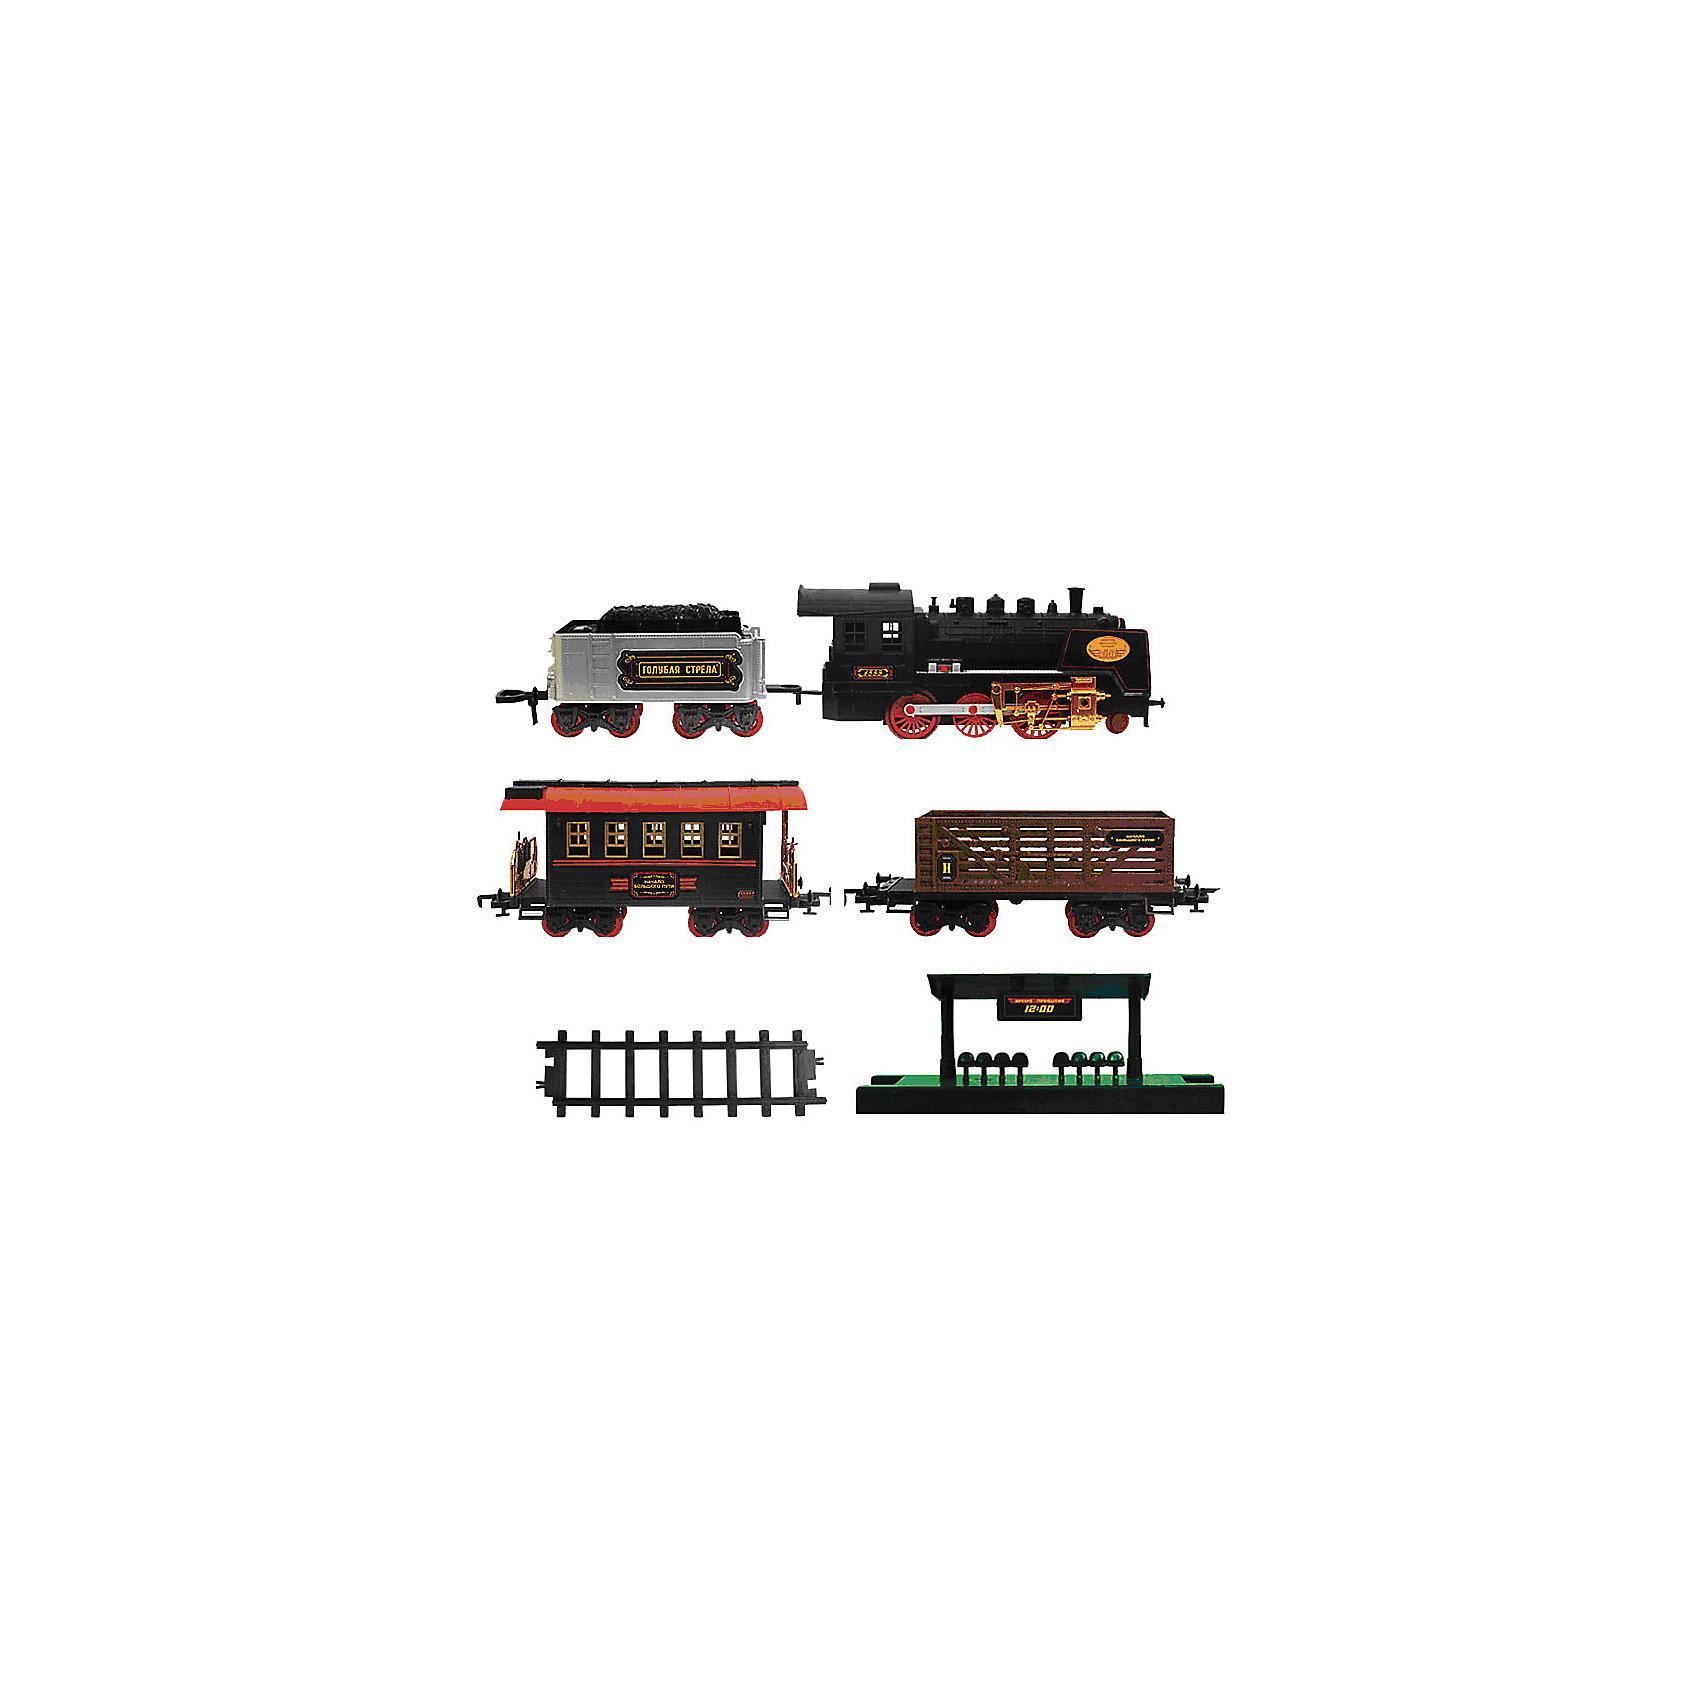 Железная дорога с тендером и вагончиками 650 см, Голубая стрелаЖелезная дорога с тендером и вагончиками 650 см, Голубая стрела.<br><br>Характеристики:<br><br>• Комплектация: локомотив, тендер, пассажирский вагон, грузовой вагон, станция, стрелки, 22 элемента дороги<br>• Количество элементов: 27 шт.<br>• Масштаб 1:32<br>• Ширина колеи: 5,2 см.<br>• Общая протяженность: 650 см.<br>• Батарейки: 6 типа АА (не входят в комплект)<br>• Материал: пластик, металл<br>• Упаковка: картонная коробка блистерного типа<br>• Размер упаковки: 43,5x86,5x11 см.<br><br>Вы только посмотрите, какой прекрасный набор железной дороги! Выполненный в стиле ретро паровоз выглядит очень эффектно. Несмотря на то, что набор предназначен для детей от трех лет, его можно преподнести в качестве подарка и взрослым ценителям железных дорог. Комплект, состоящий из восхитительного локомотива, тендера и 2-х вагончиков (товарного и пассажирского), элементов дороги, станции, хорош не только внешним видом, но и функциональным содержанием. <br><br>Звуковые и световые эффекты, дым из трубы, все это создает впечатление реалистичности картины. Погрузиться в игру с этой железной дорогой можно на долгие часы. Впечатляет общая длина дороги – целых 650 см (колея 52 мм )! При том собирается игрушка достаточно быстро и легко. Поезд может двигаться вперед, назад, а также в разных направлениях, благодаря стрелкам-переключателям. Игрушка развивает воображение, фантазию, пространственное мышление, творческие способности.<br><br>Железную дорогу с тендером и вагончиками 650 см, Голубая стрела можно купить в нашем интернет-магазине.<br><br>Ширина мм: 850<br>Глубина мм: 420<br>Высота мм: 110<br>Вес г: 3513<br>Возраст от месяцев: 36<br>Возраст до месяцев: 2147483647<br>Пол: Мужской<br>Возраст: Детский<br>SKU: 5400262